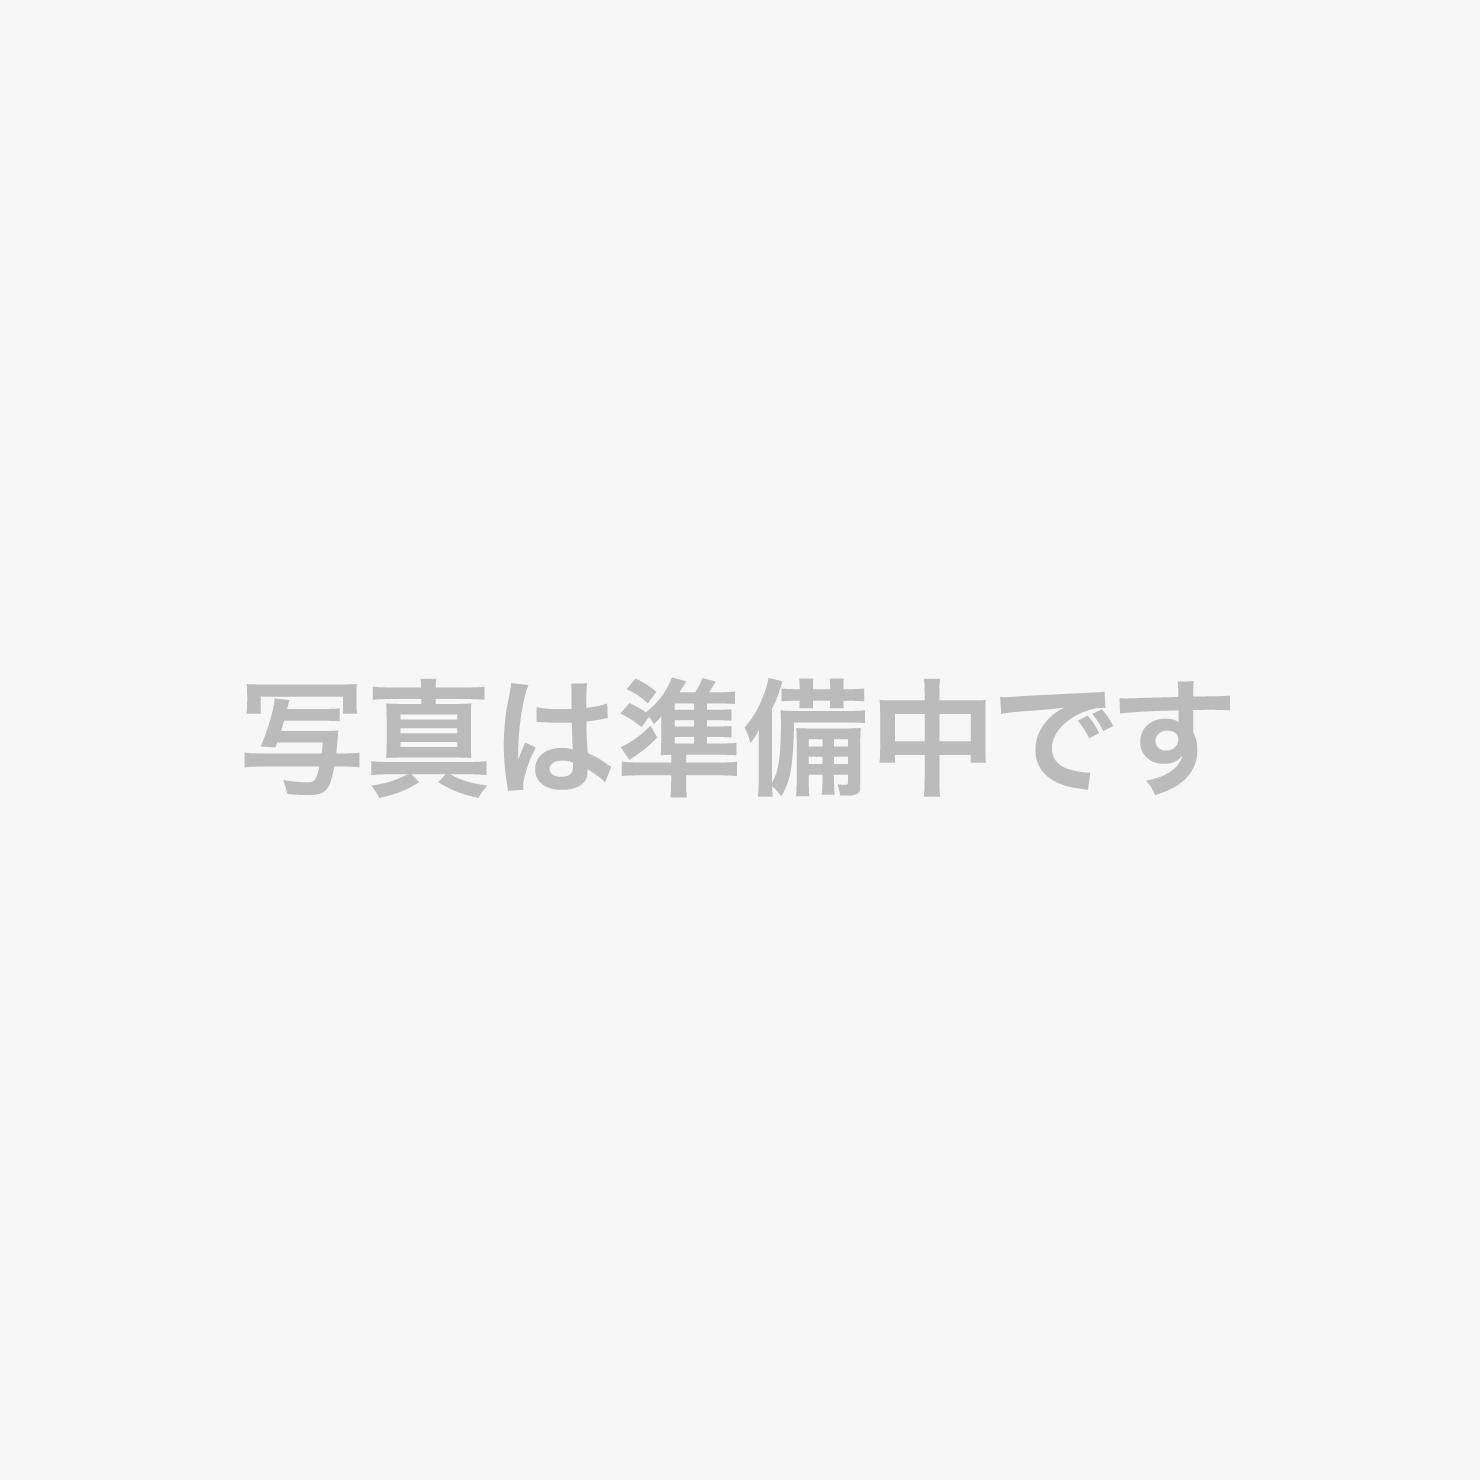 宿泊者限定!【宿泊御膳】11品